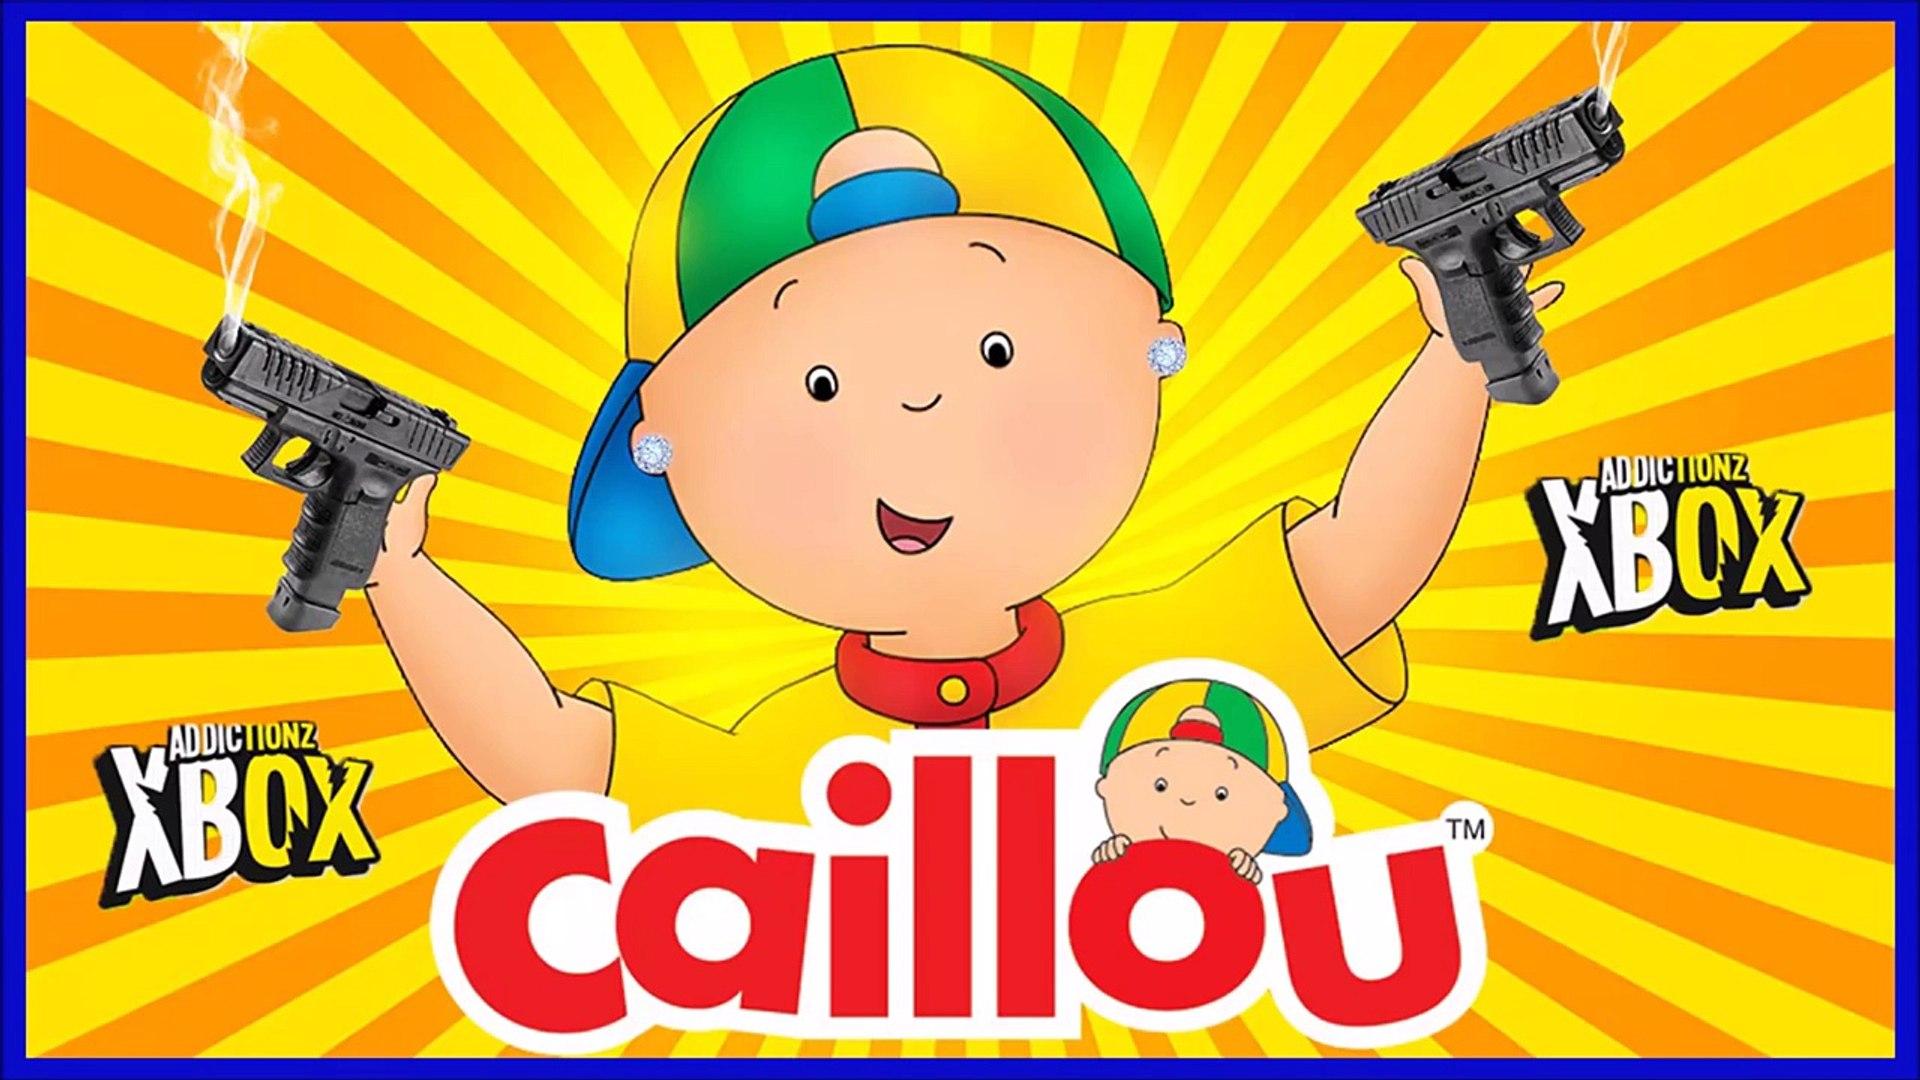 Im Caillou Thug Remix (XboxAddictionz Outro Song)